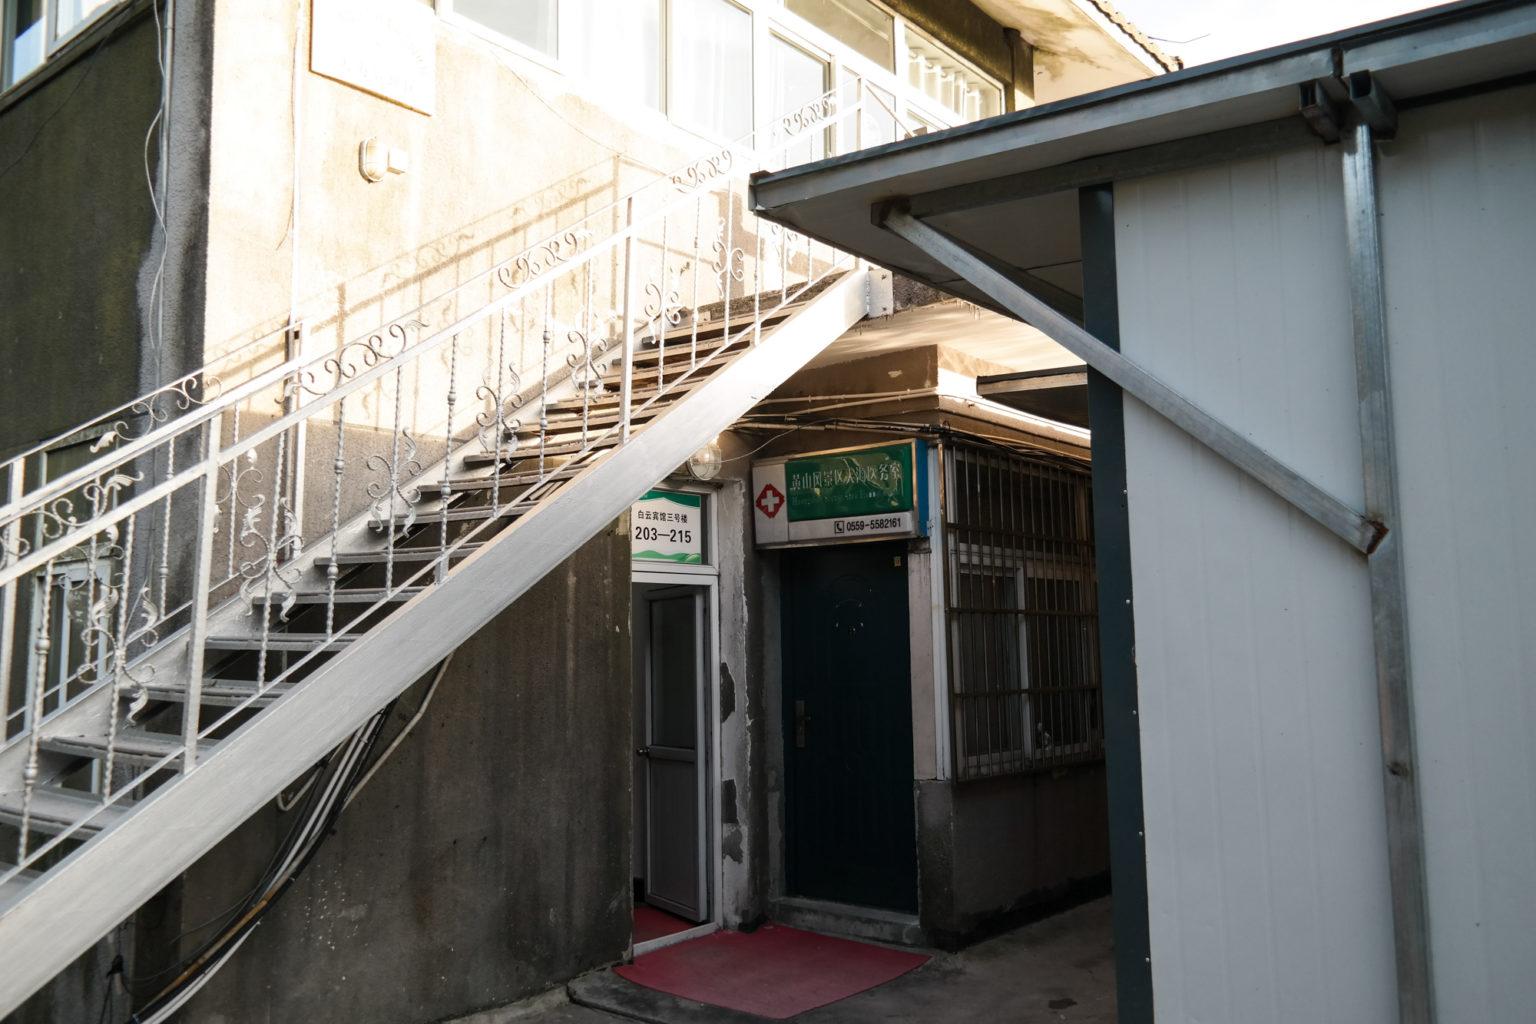 Pokoje wieloosobowe znajdują się w innycm budynku Baiyun Hotel